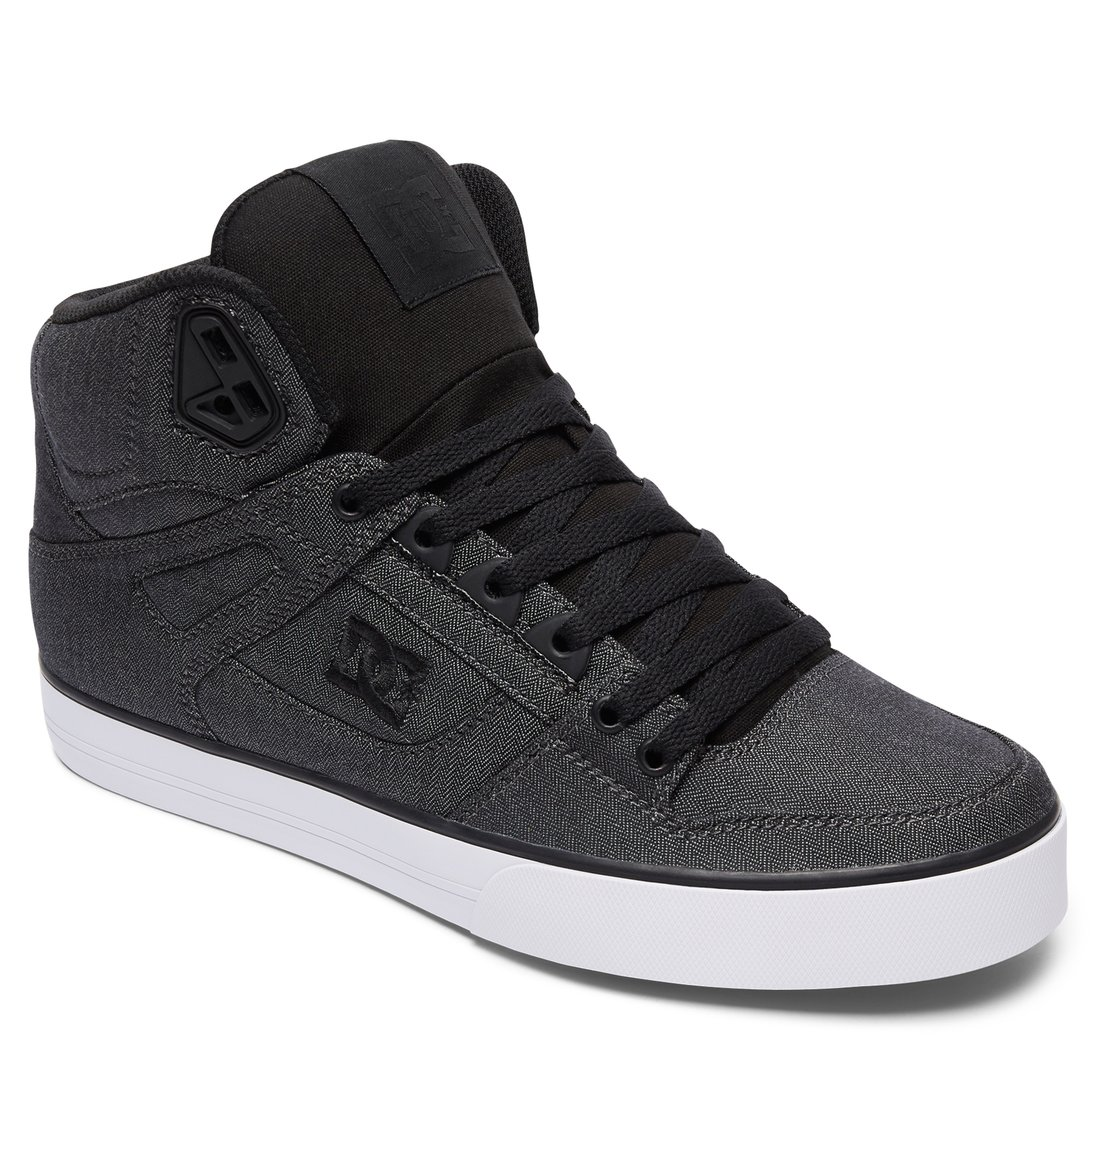 DC Shoes Spartan High WC TX Se Zapatillas Hombre, Gris (Grey Resin Rinse), 27.5 EU (9.5 UK)